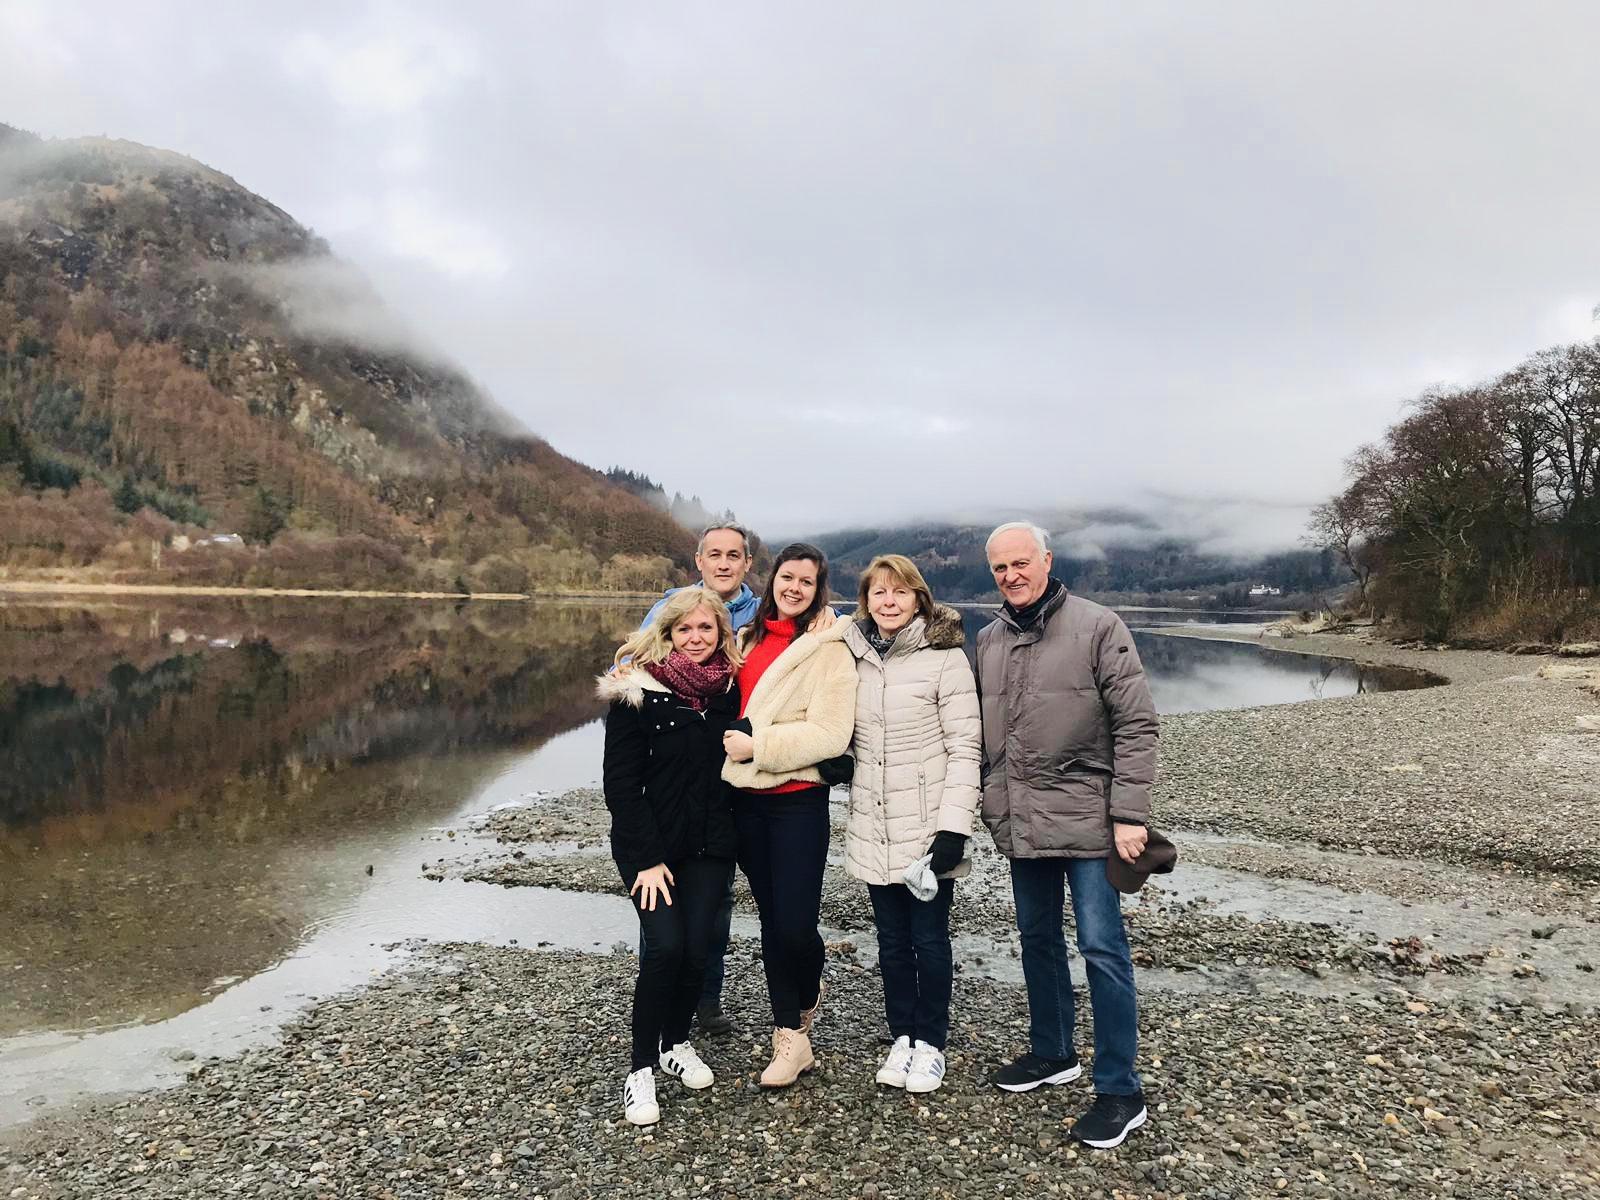 The Belgian family